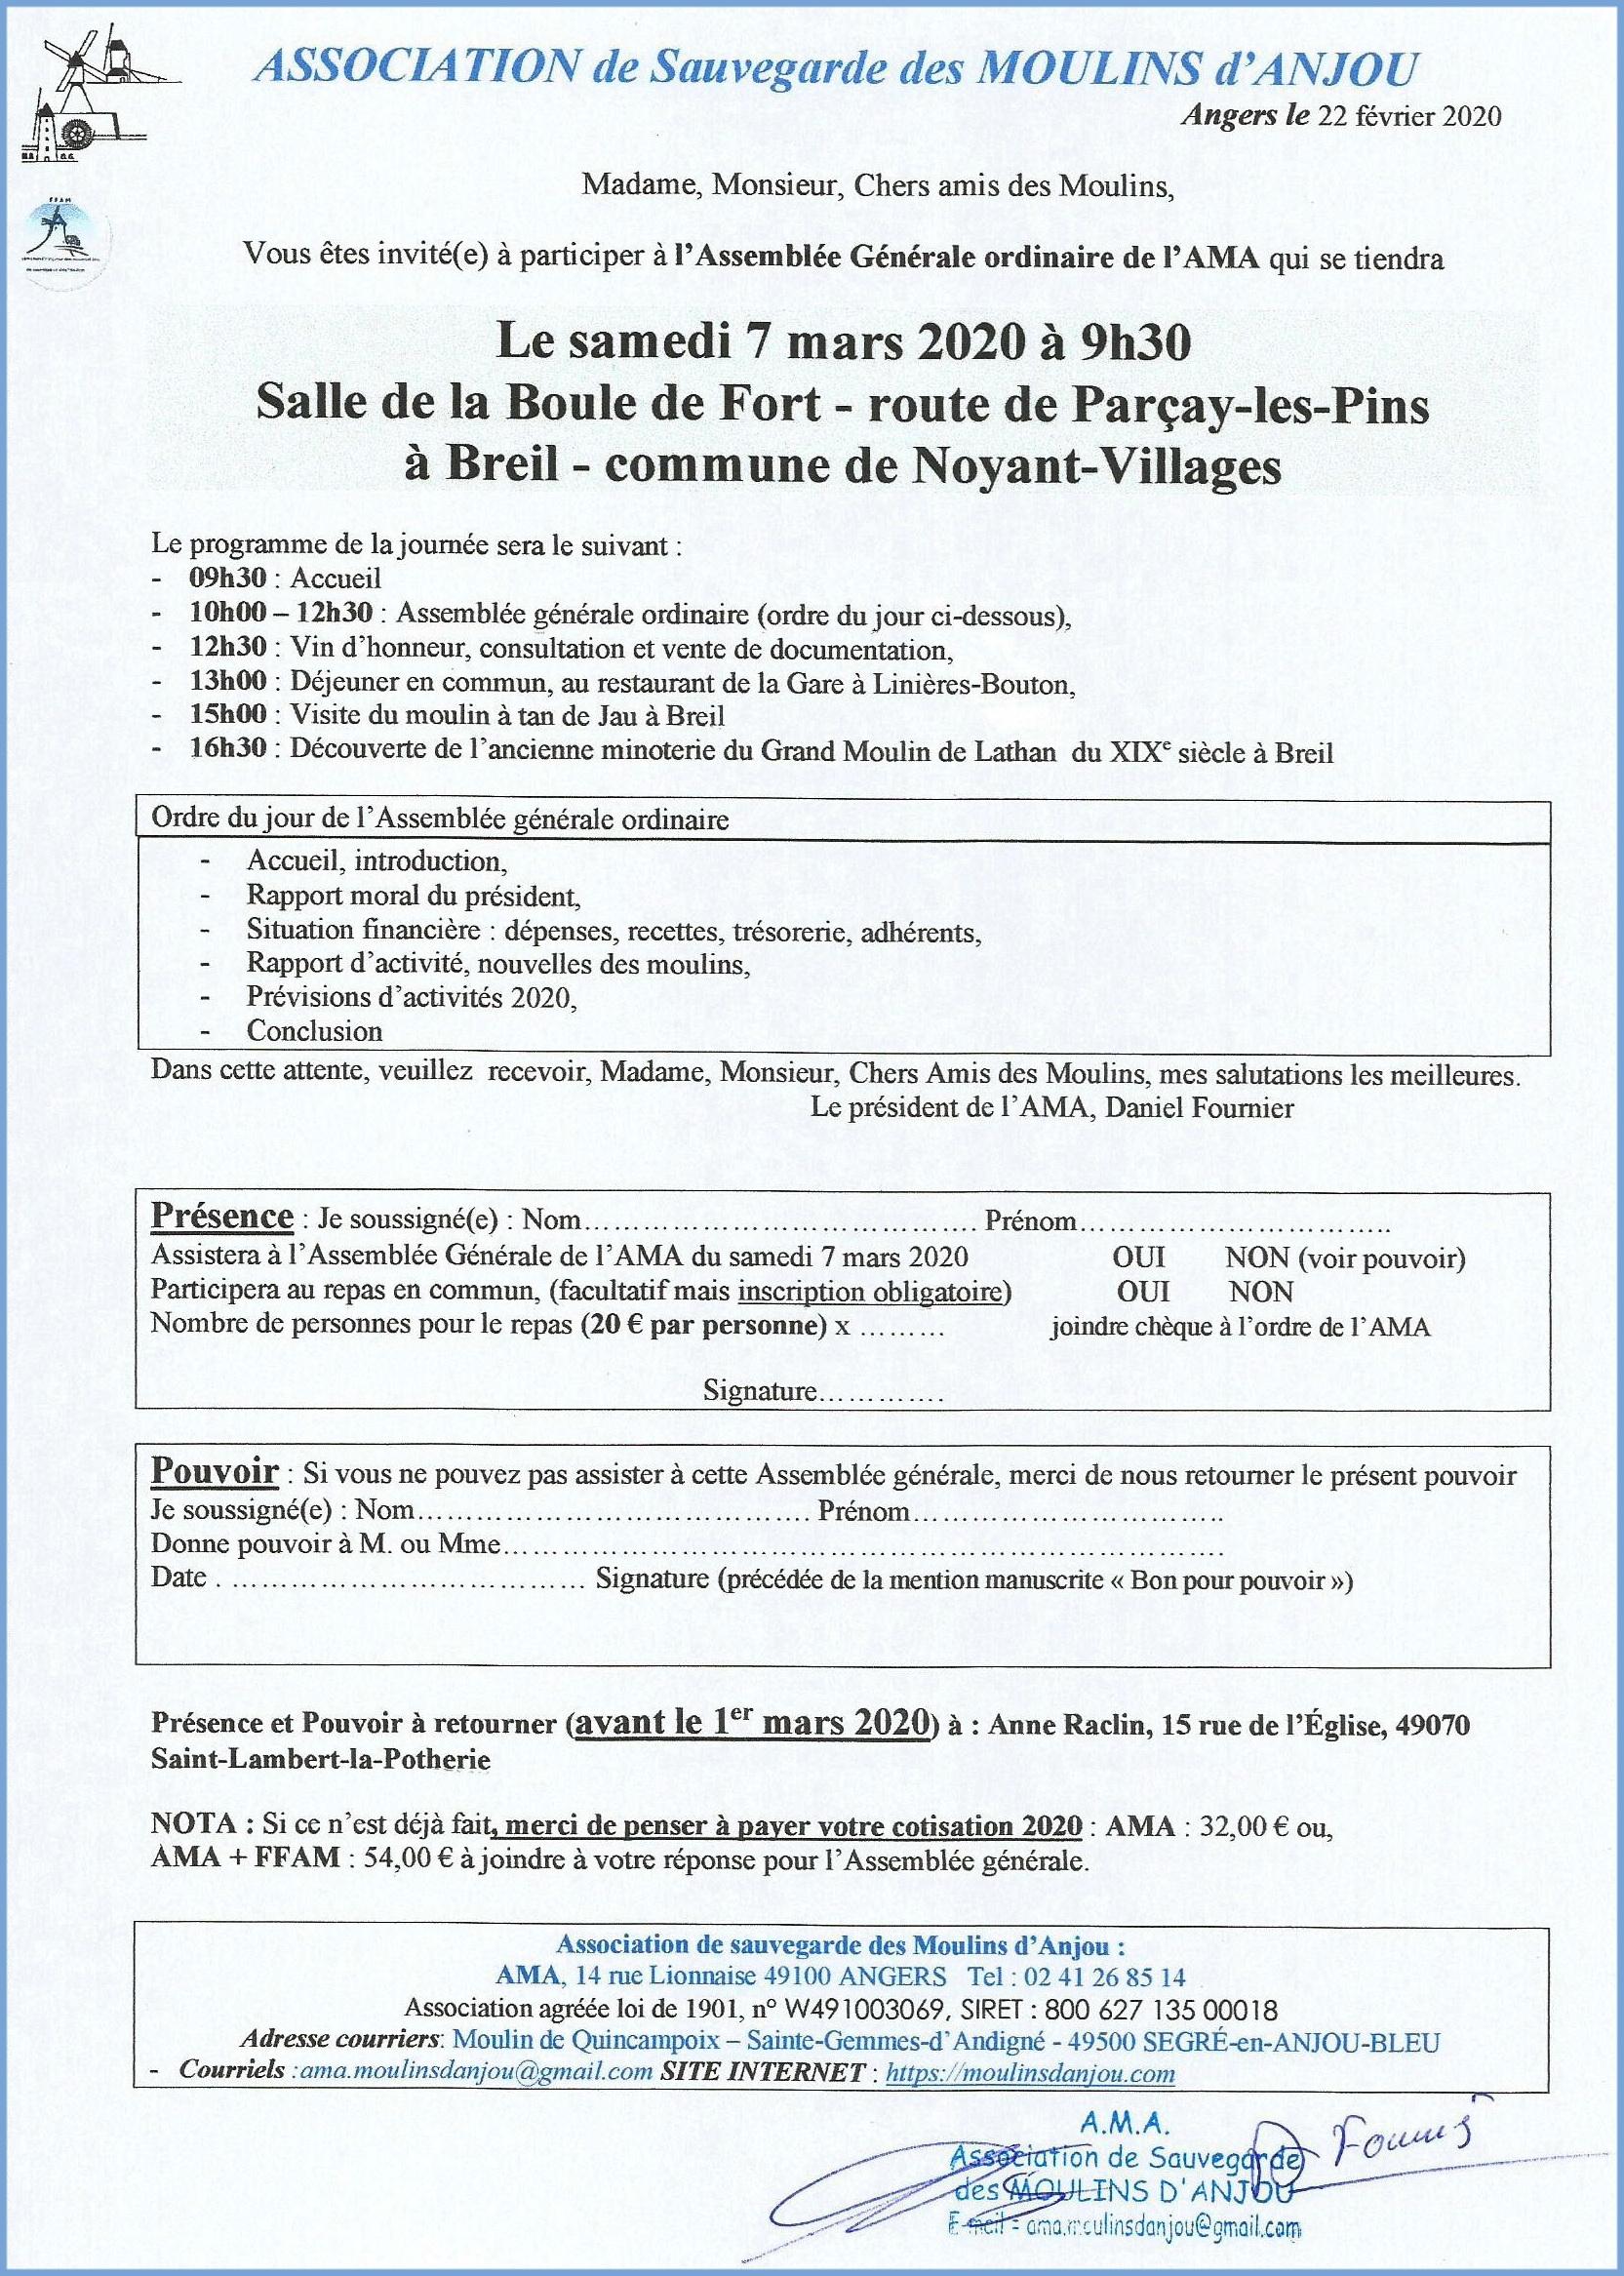 2020-conv-A.G. moulins d'Anjou